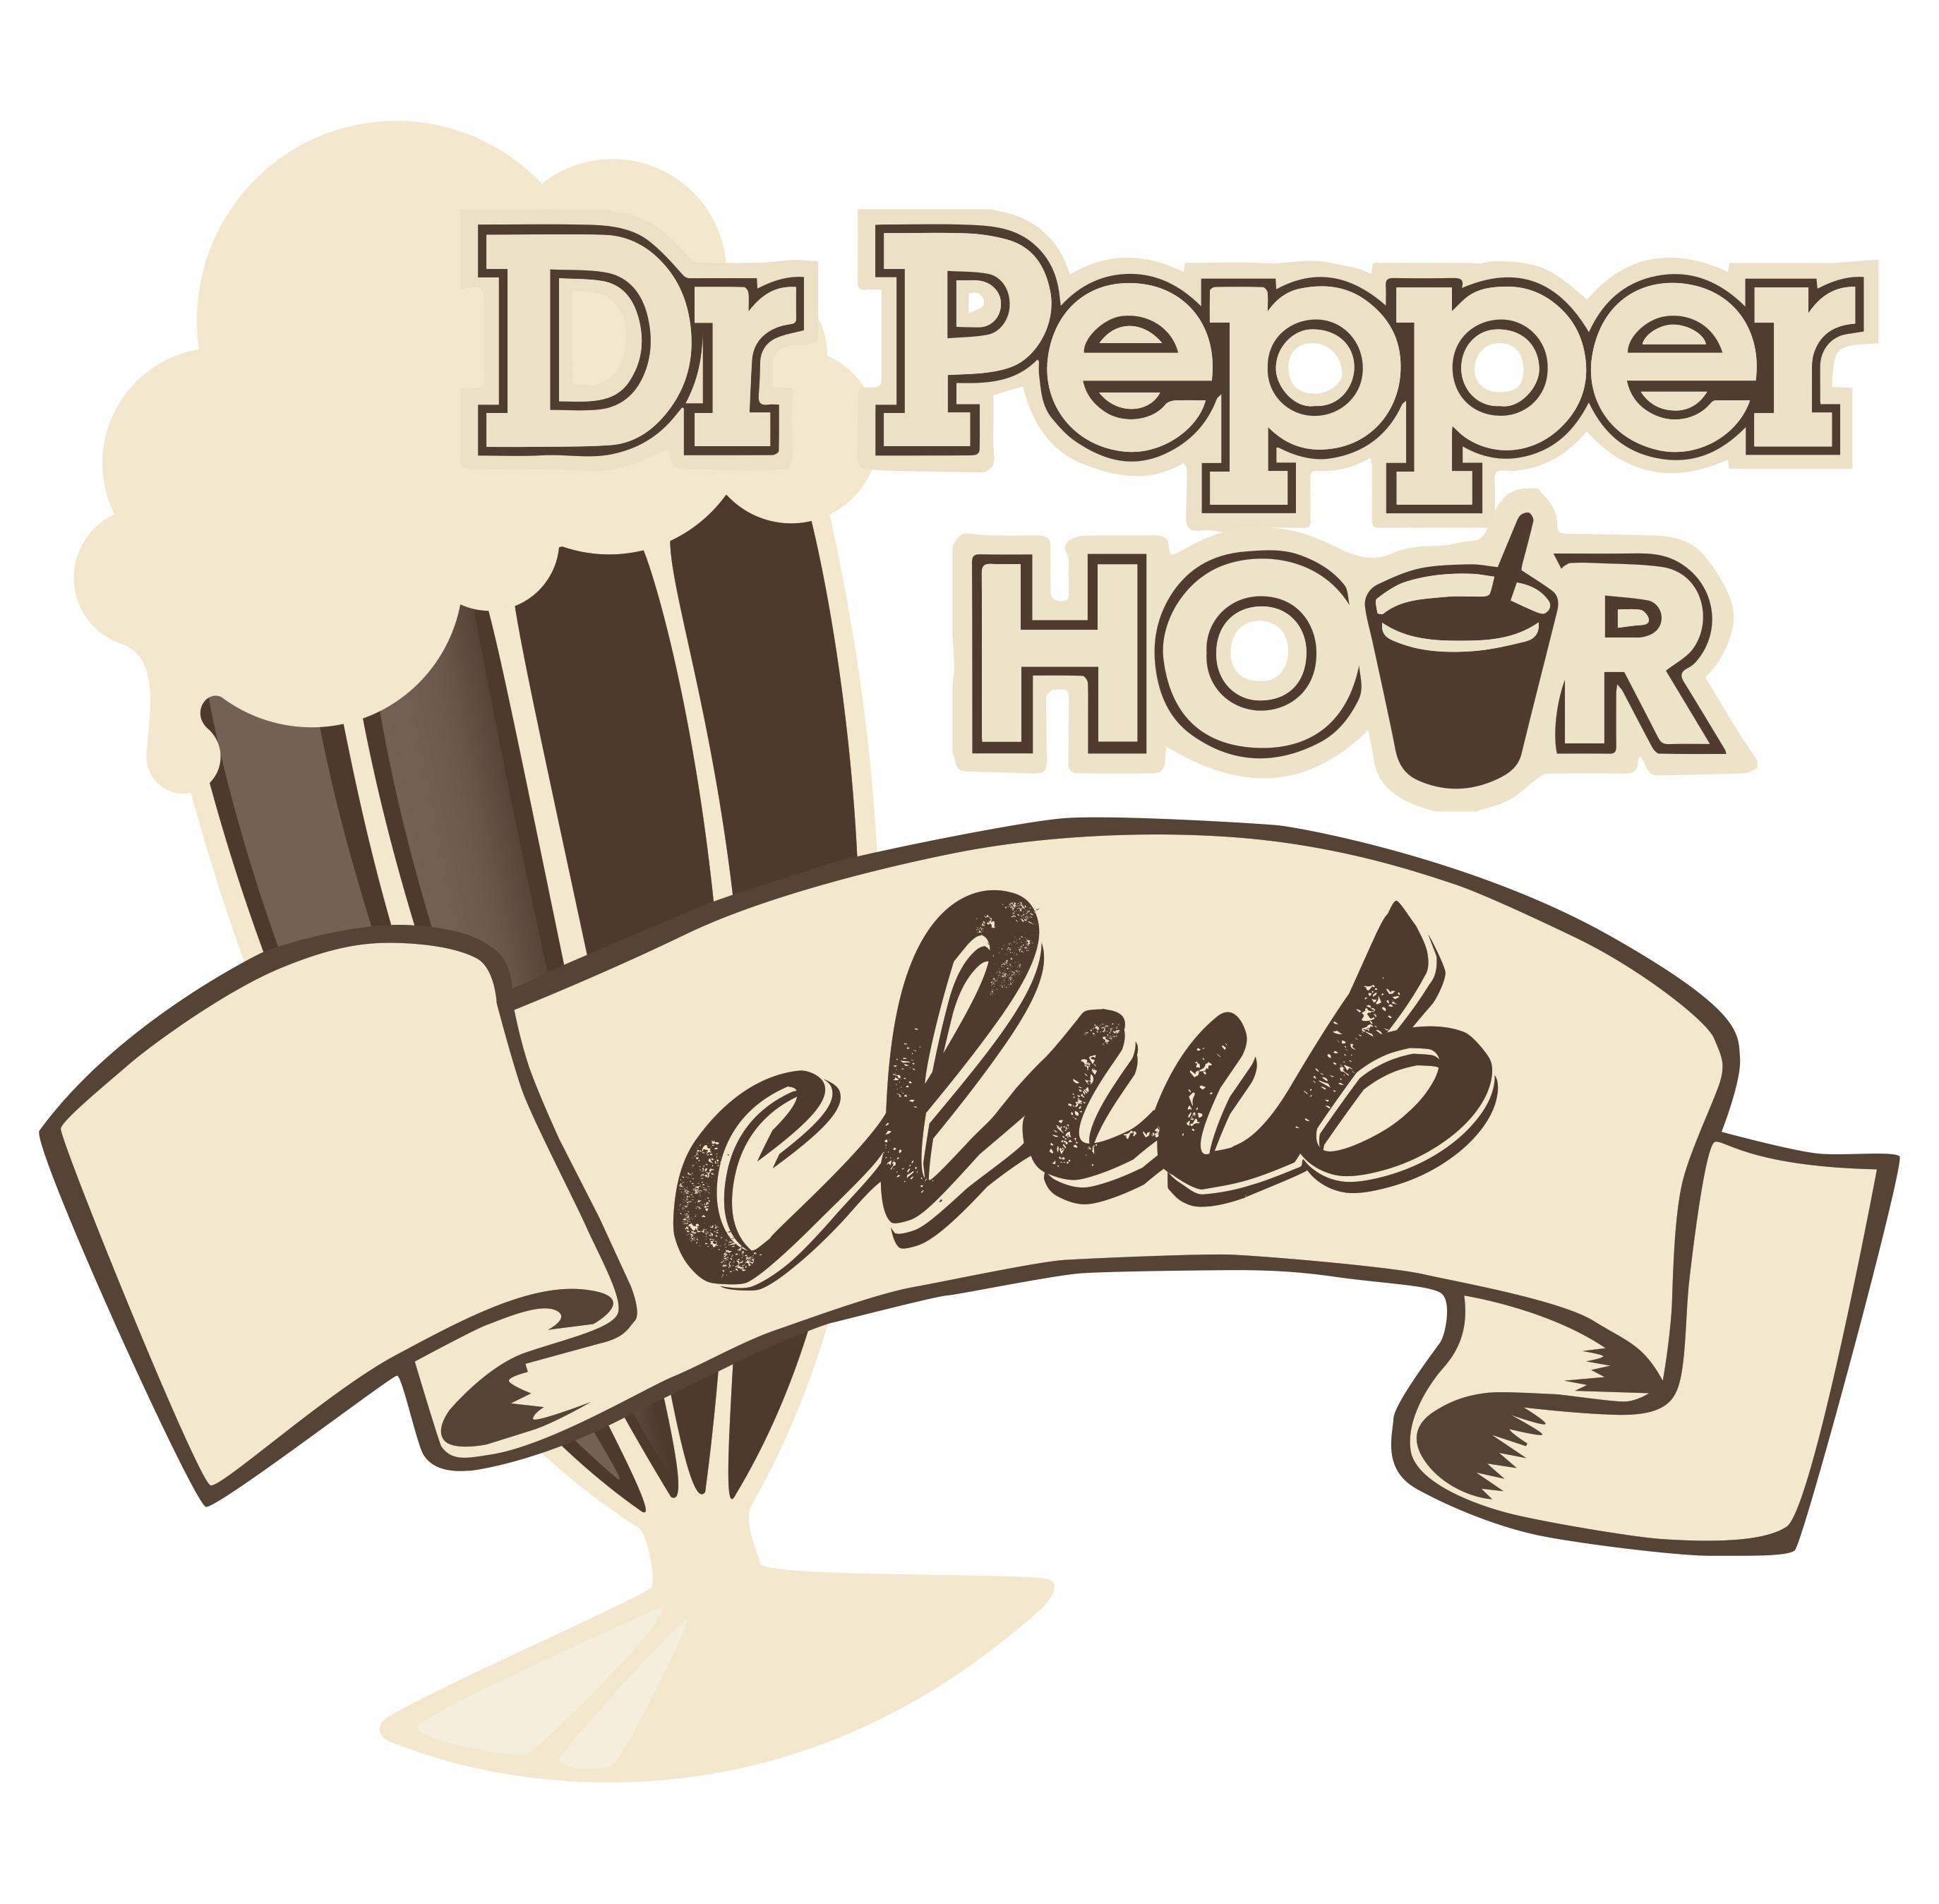 DrPepperHourClubLogo